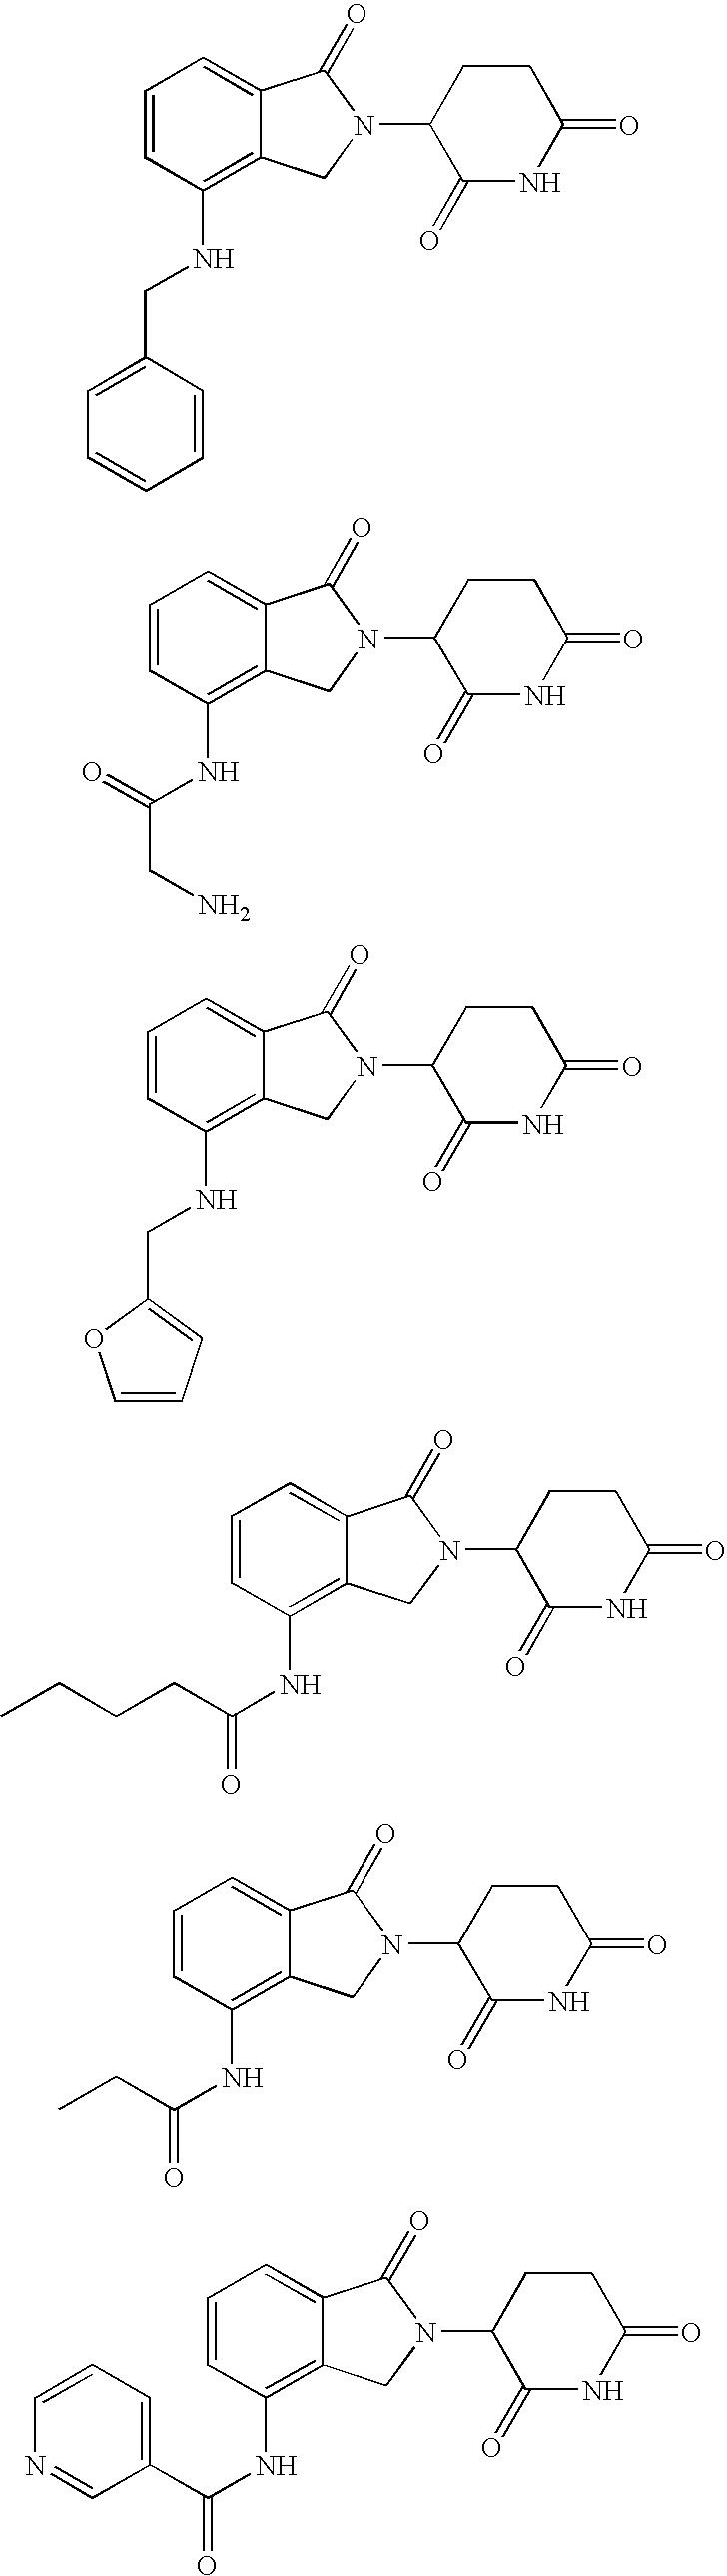 Figure US07576104-20090818-C00352